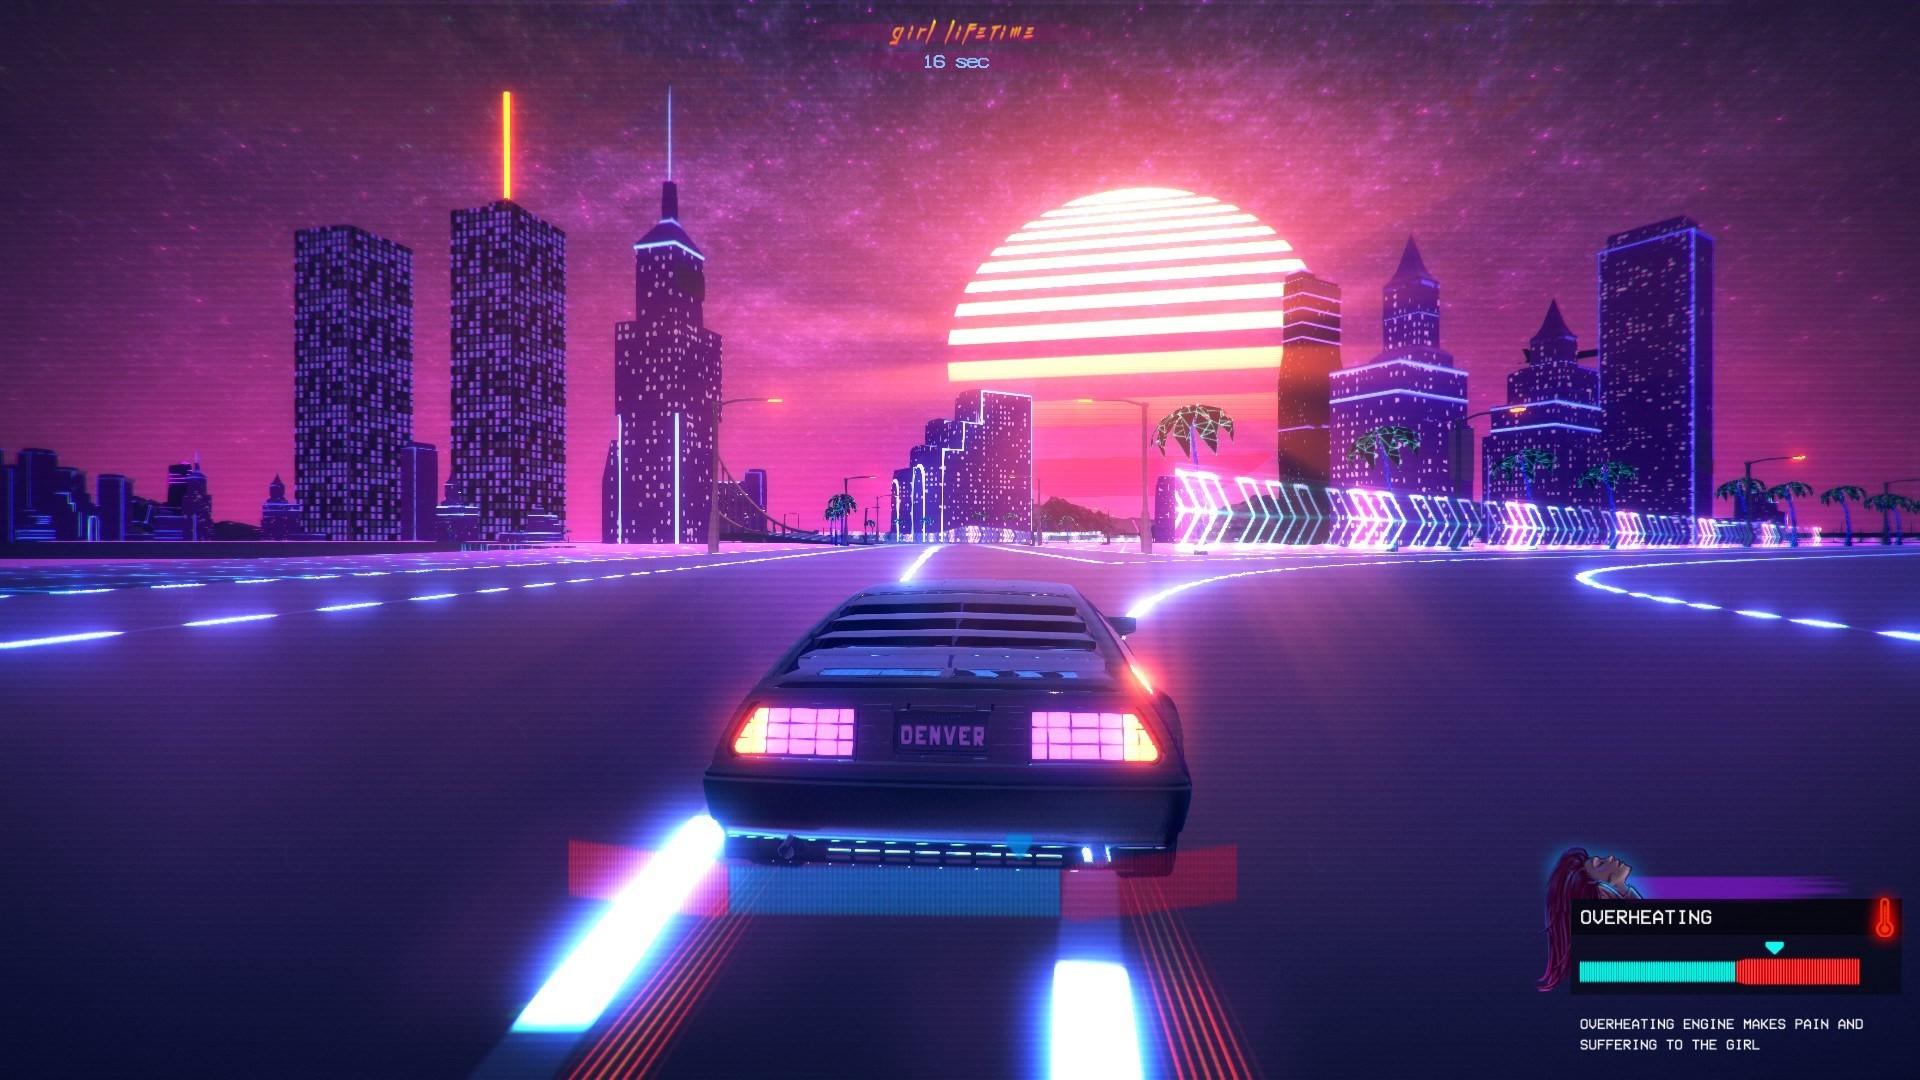 Outdrive-Review-Screenshot-Wallpaper-Neon-City.jpg (1920×1080) | Neon Wave  | Pinterest | Dream city